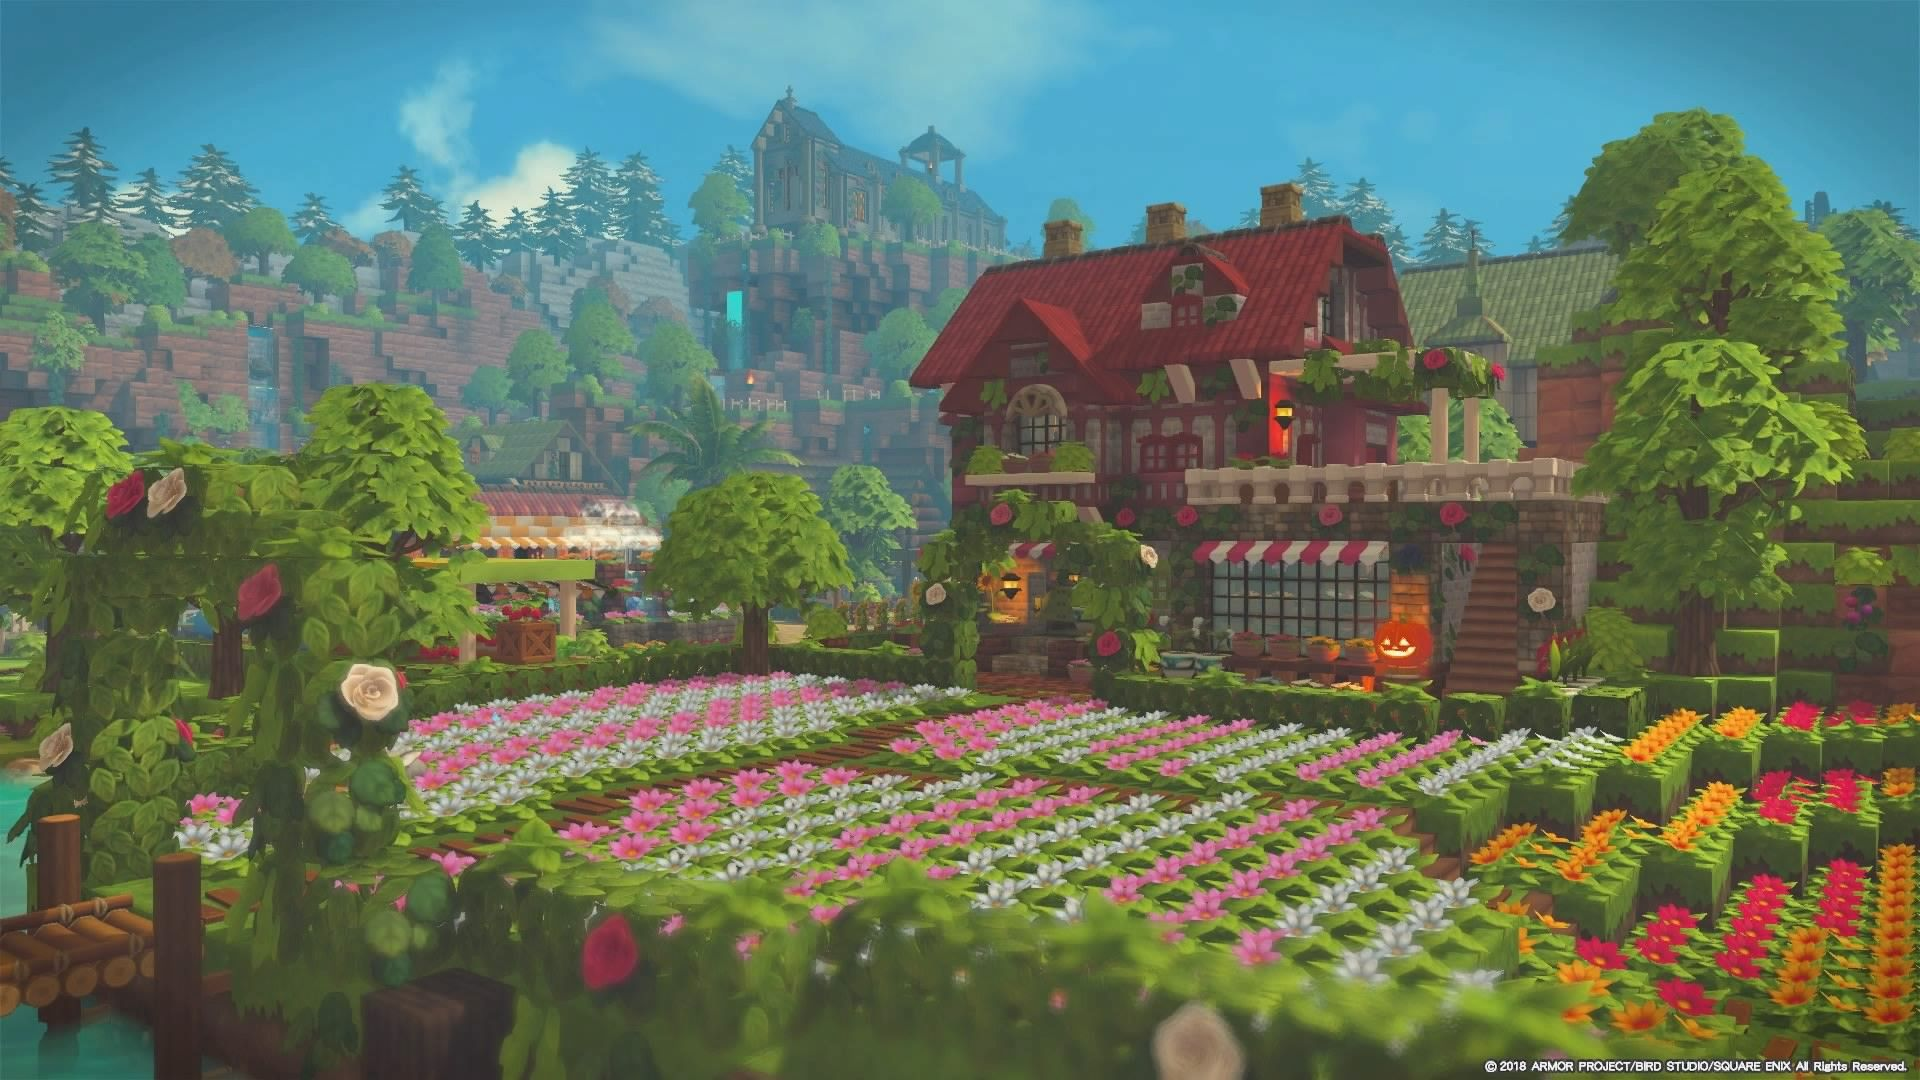 ビルダーズギャラリー ドラゴンクエストビルダーズ2 Square Enix マインクラフトの家 マインクラフトの建物 マインクラフト